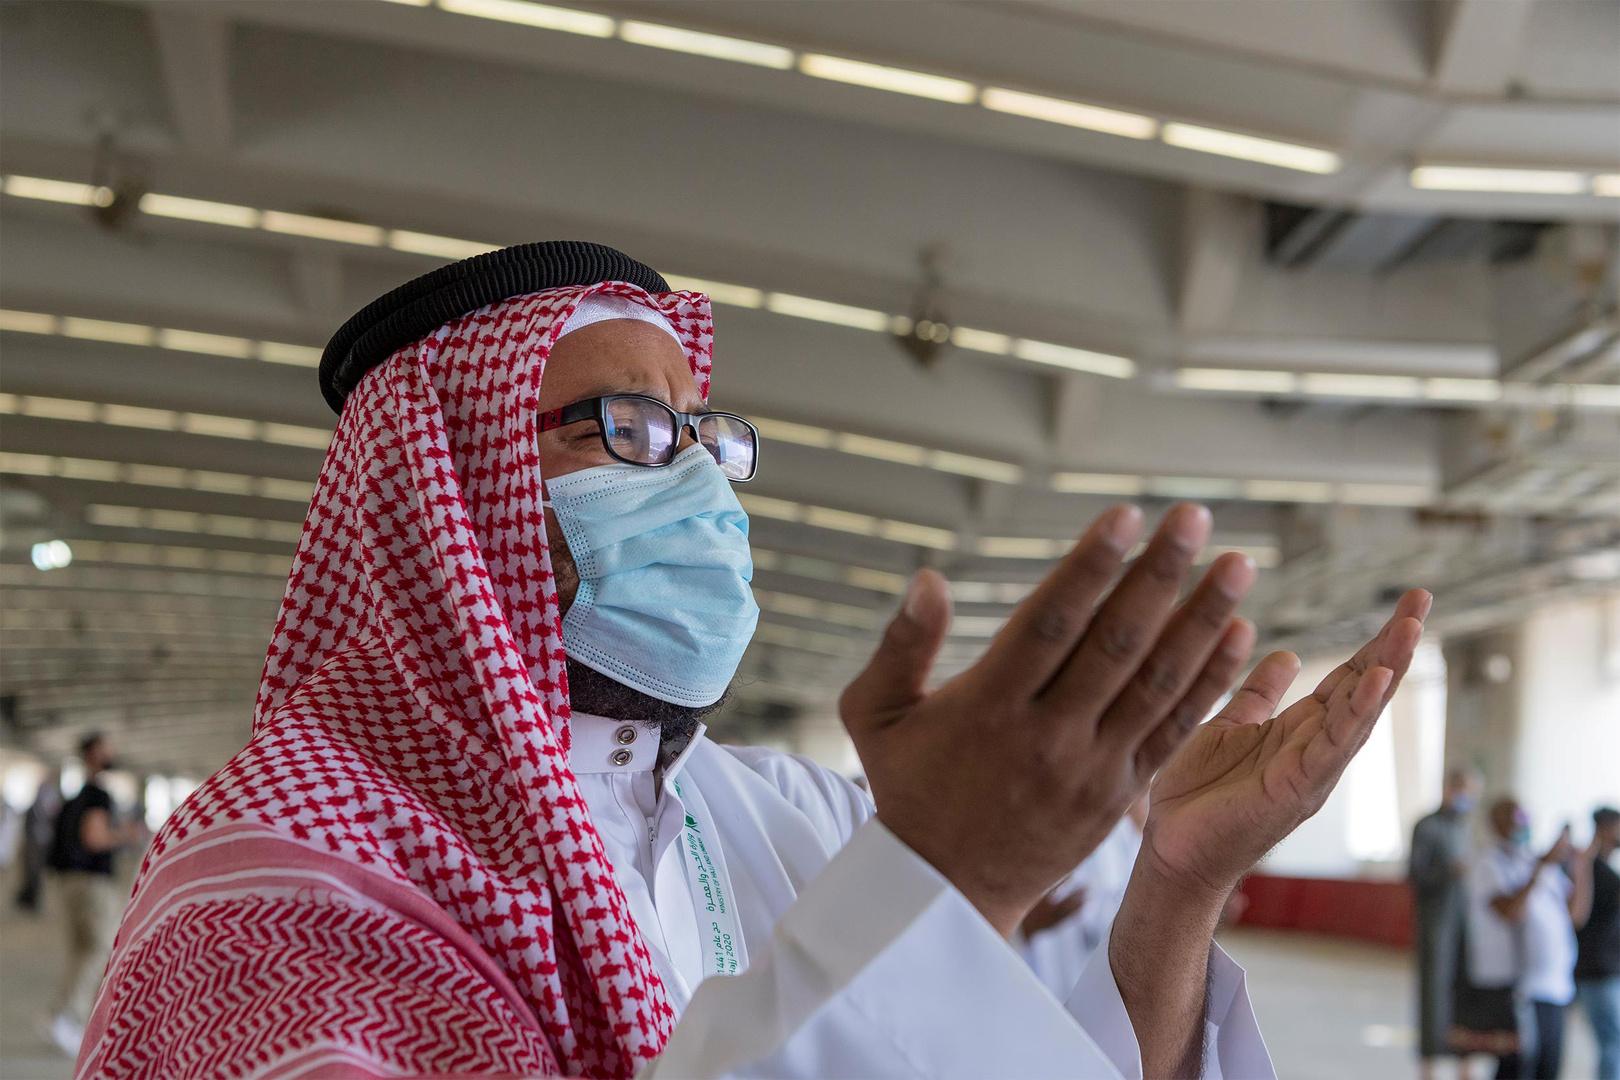 الإصابات الجديدة بكورونا في السعودية فوق الألف لليوم الثاني